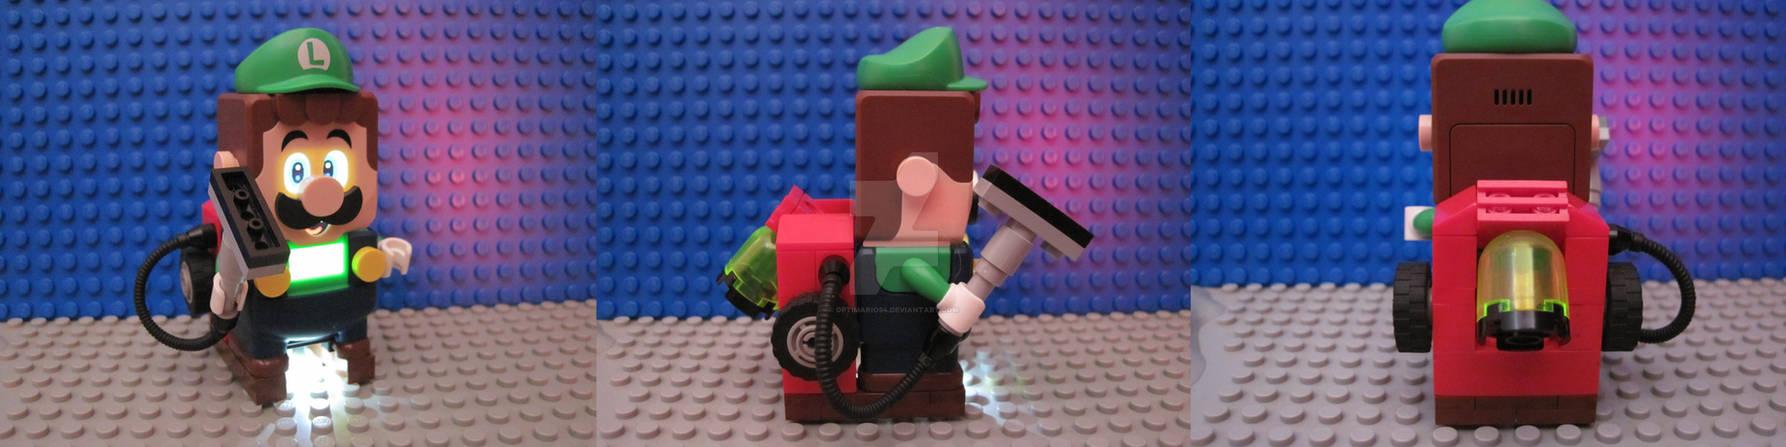 Lego Luigi with Poltergust